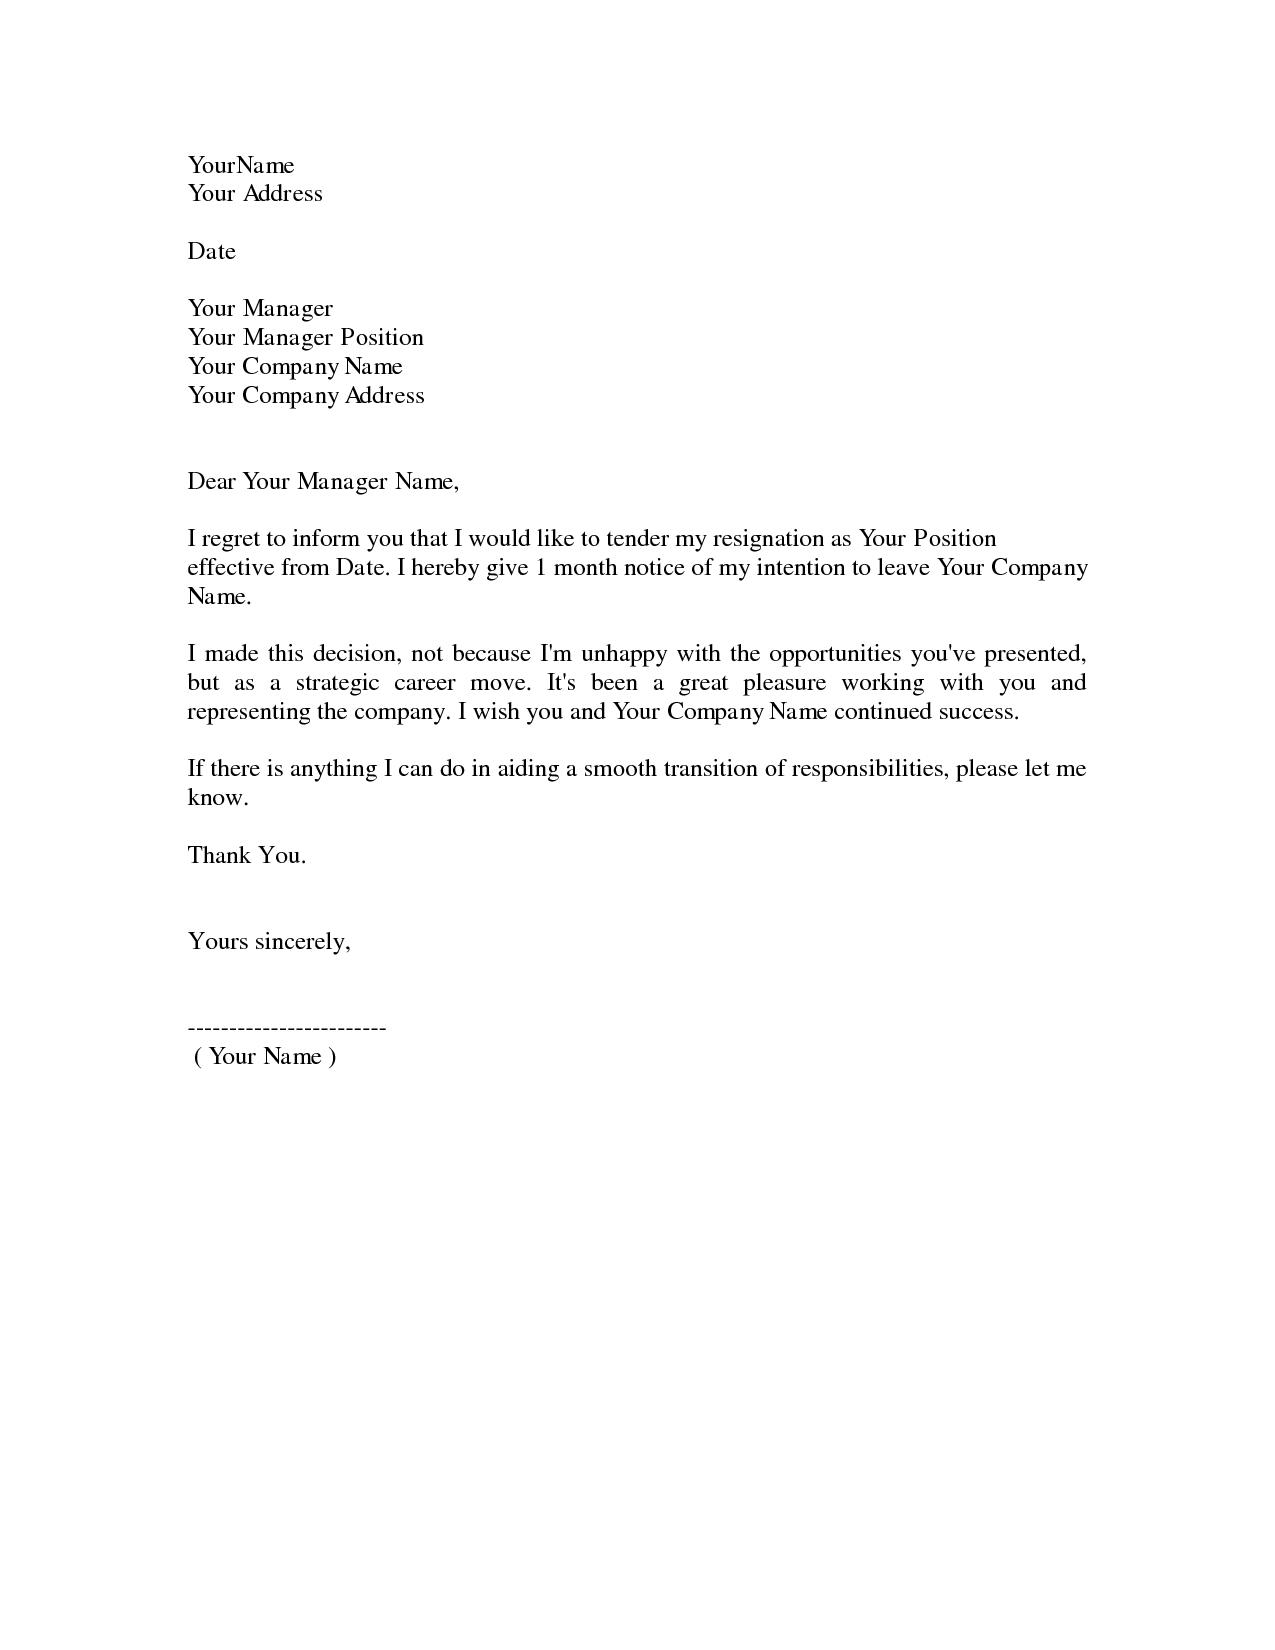 Resignation Letter Samples-21  Resignation letter sample